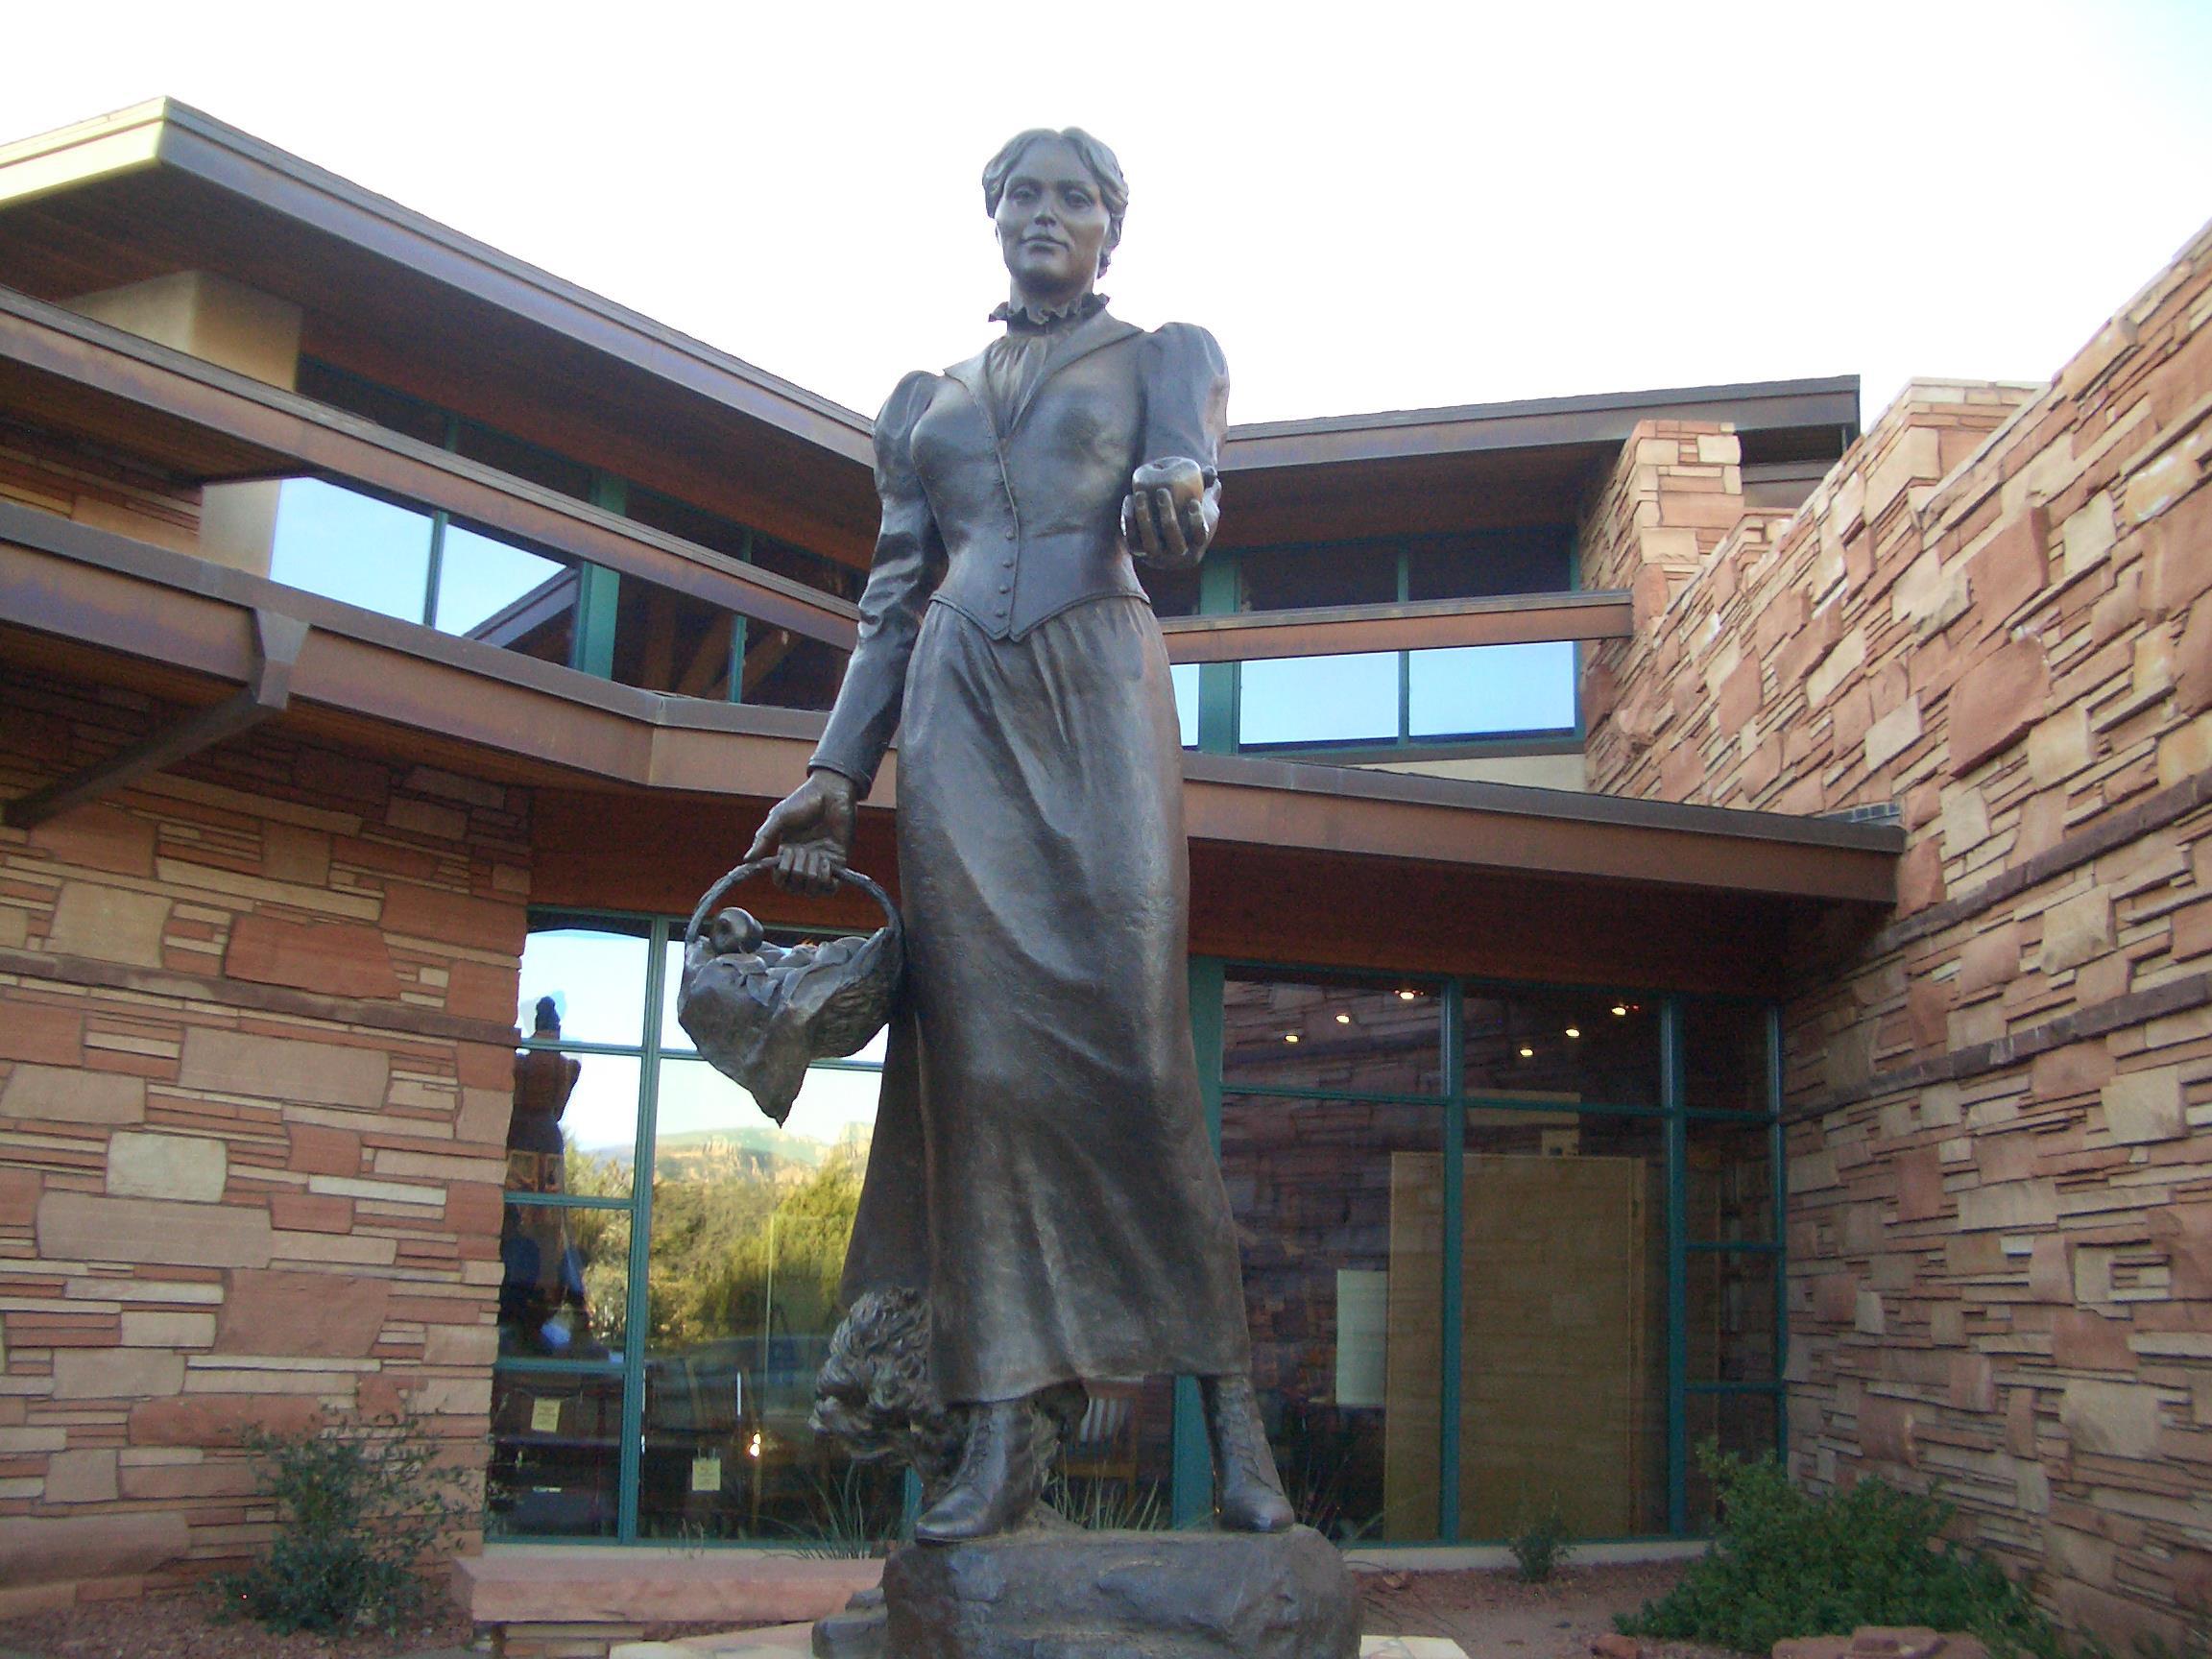 Sedona Public Library, Sedona, Arizona